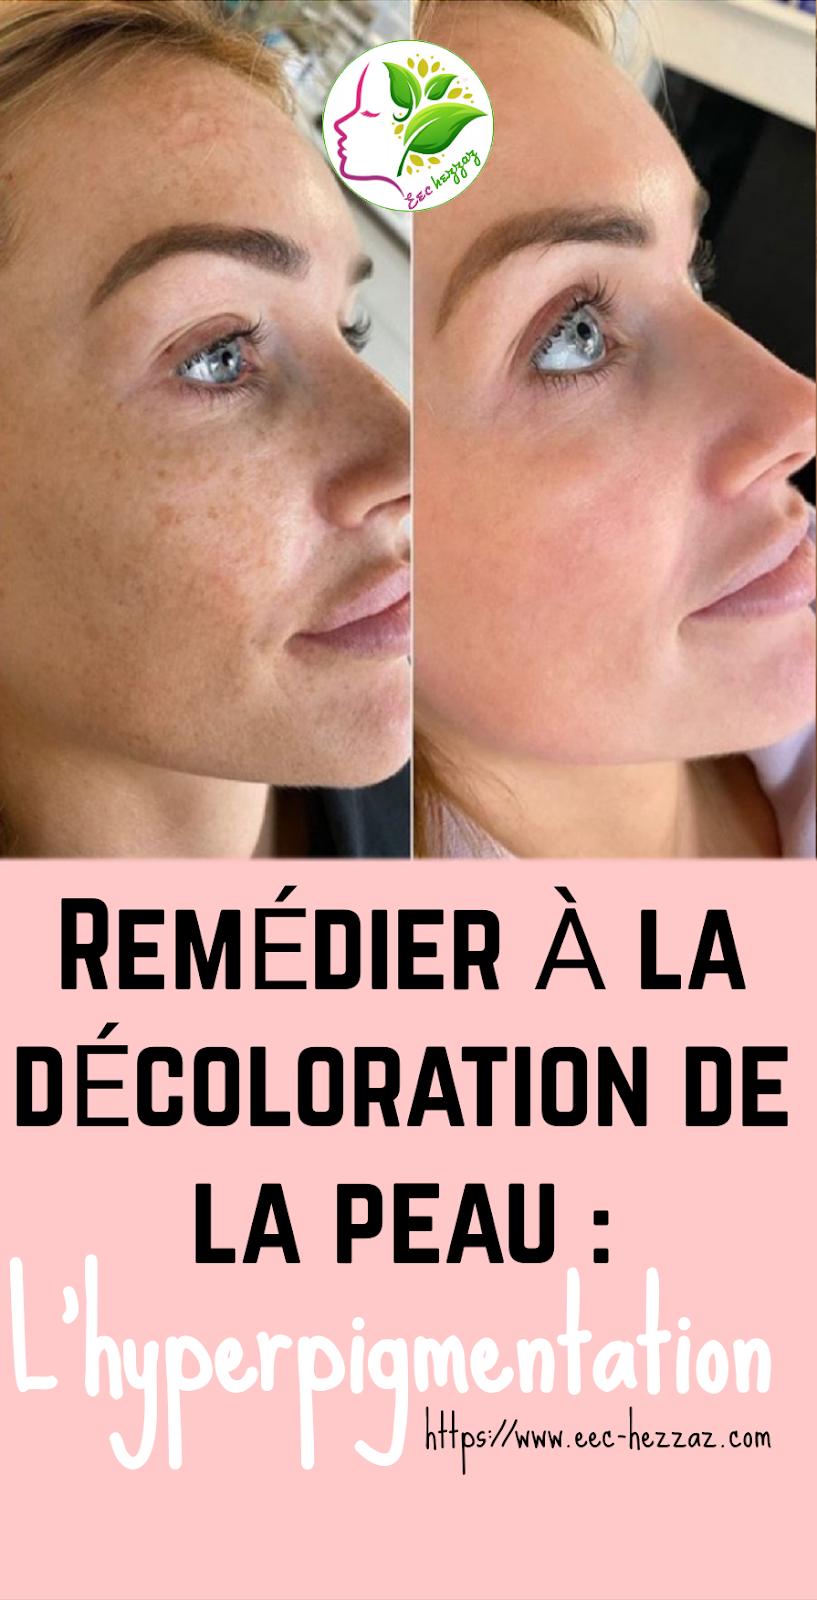 Remédier à la décoloration de la peau : L'hyperpigmentation